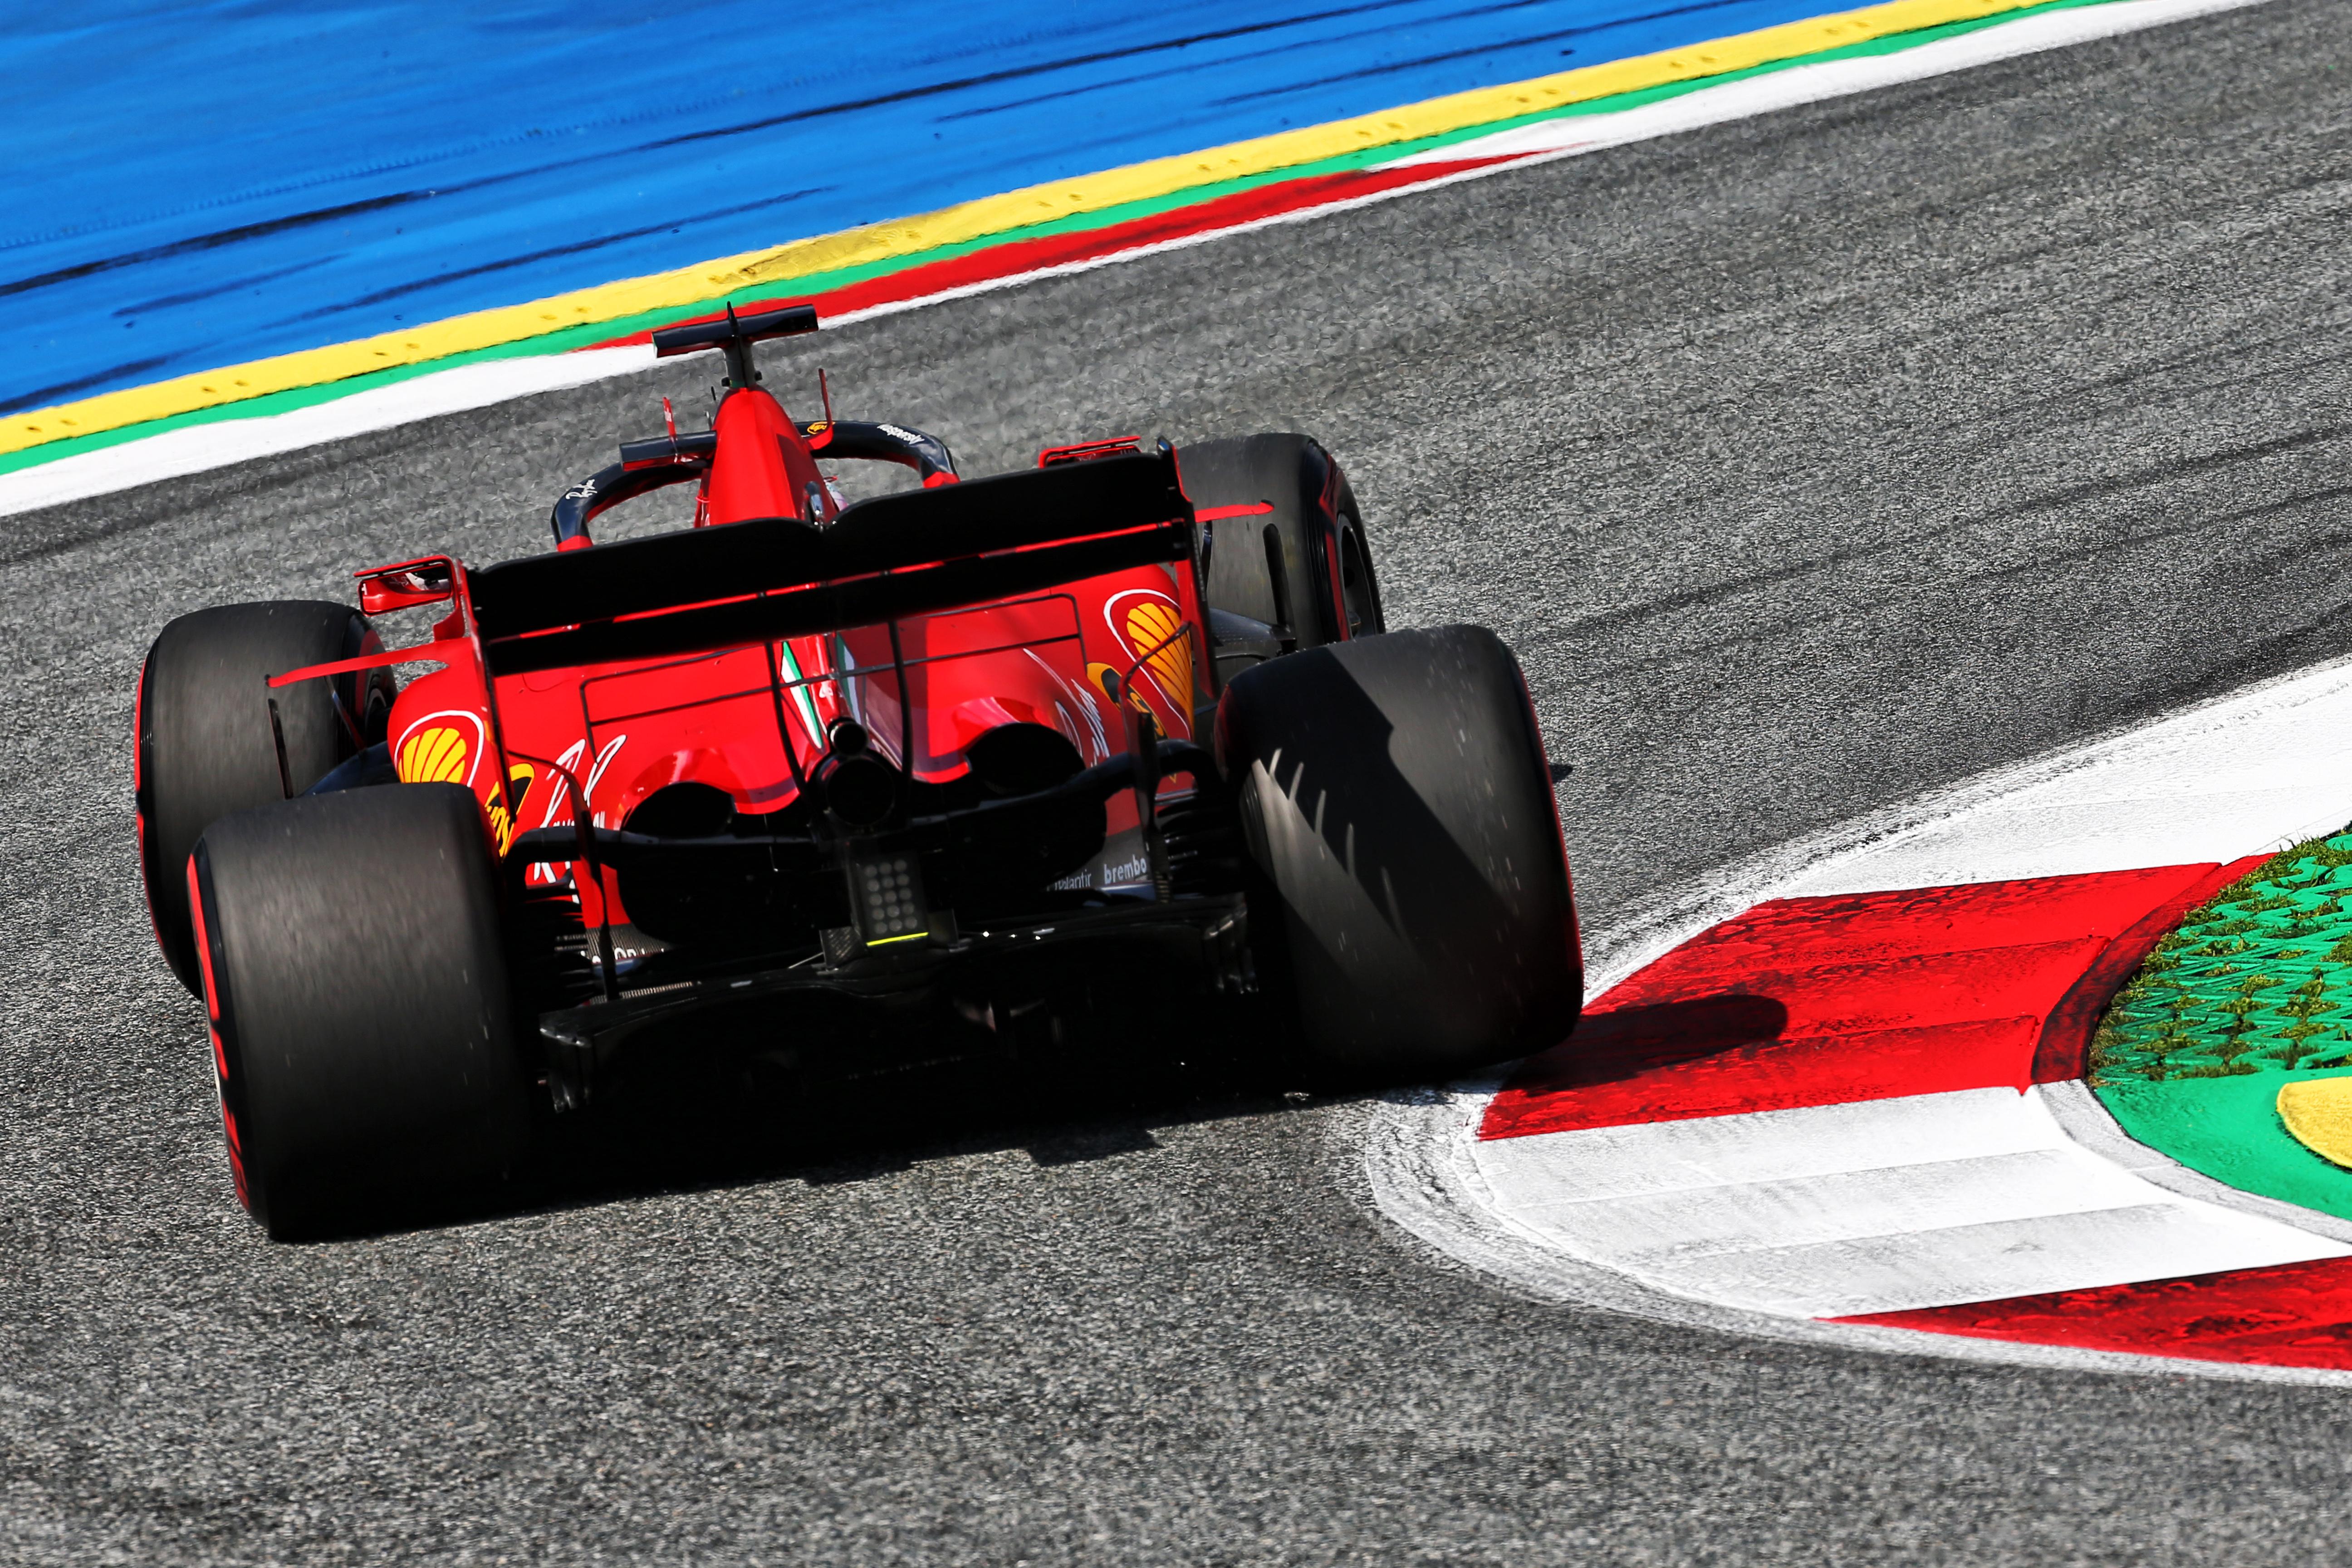 Sebastian Vettel Ferrari Styrian Grand Prix practice 2020